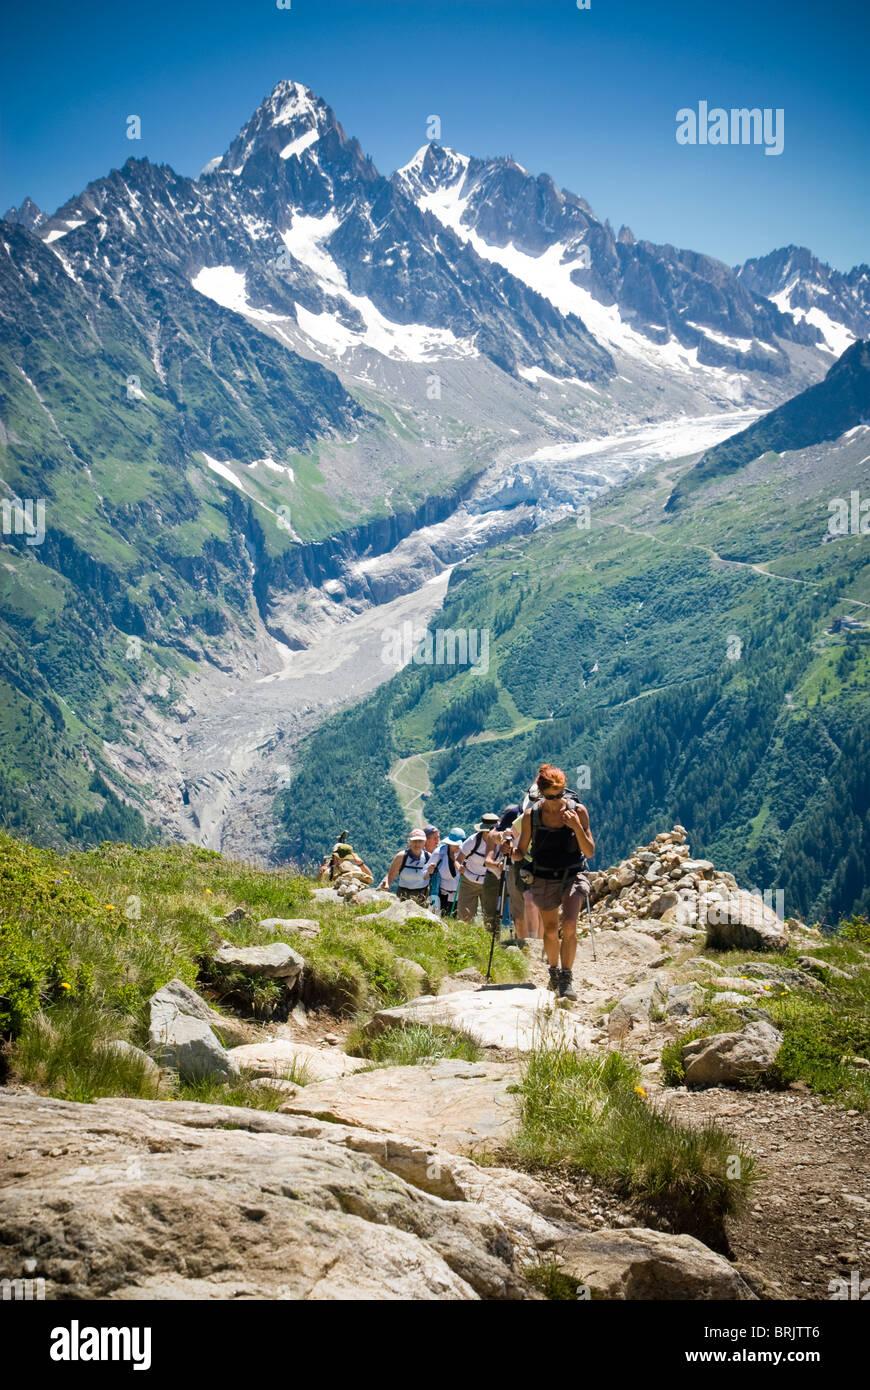 Excursionistas trek hasta una colina como la majestuosidad de los Alpes torres en el fondo. Imagen De Stock